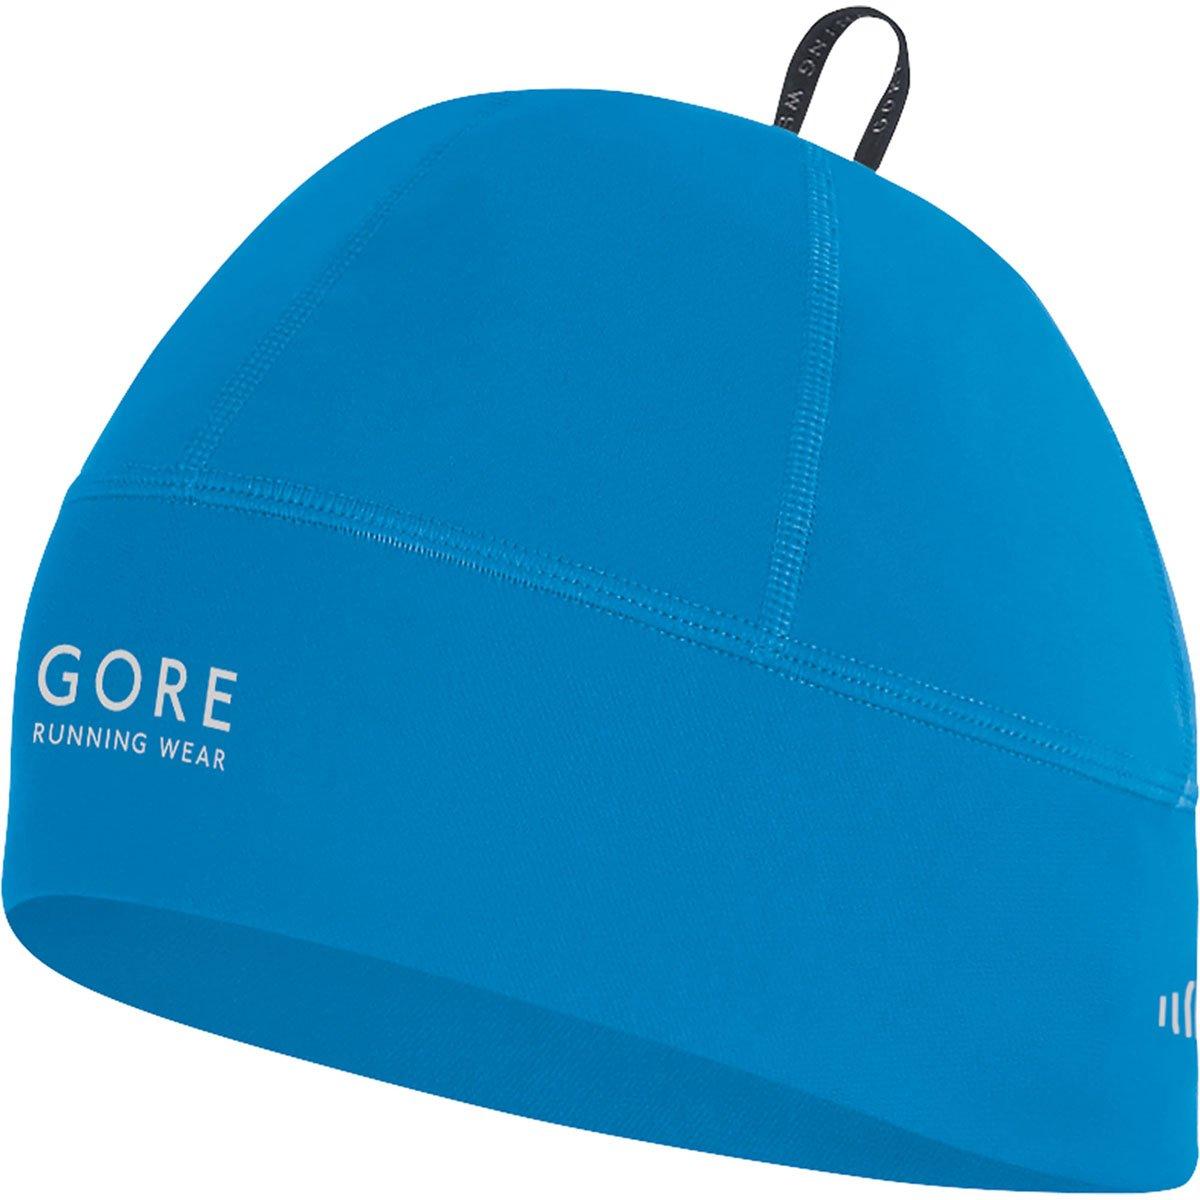 Gore Running Wear Magnitude–Berretto da corsa, taglia unica, Unisex adulto, Magnitude, Giallo Fluo (Neon Yellow) HPMAGY